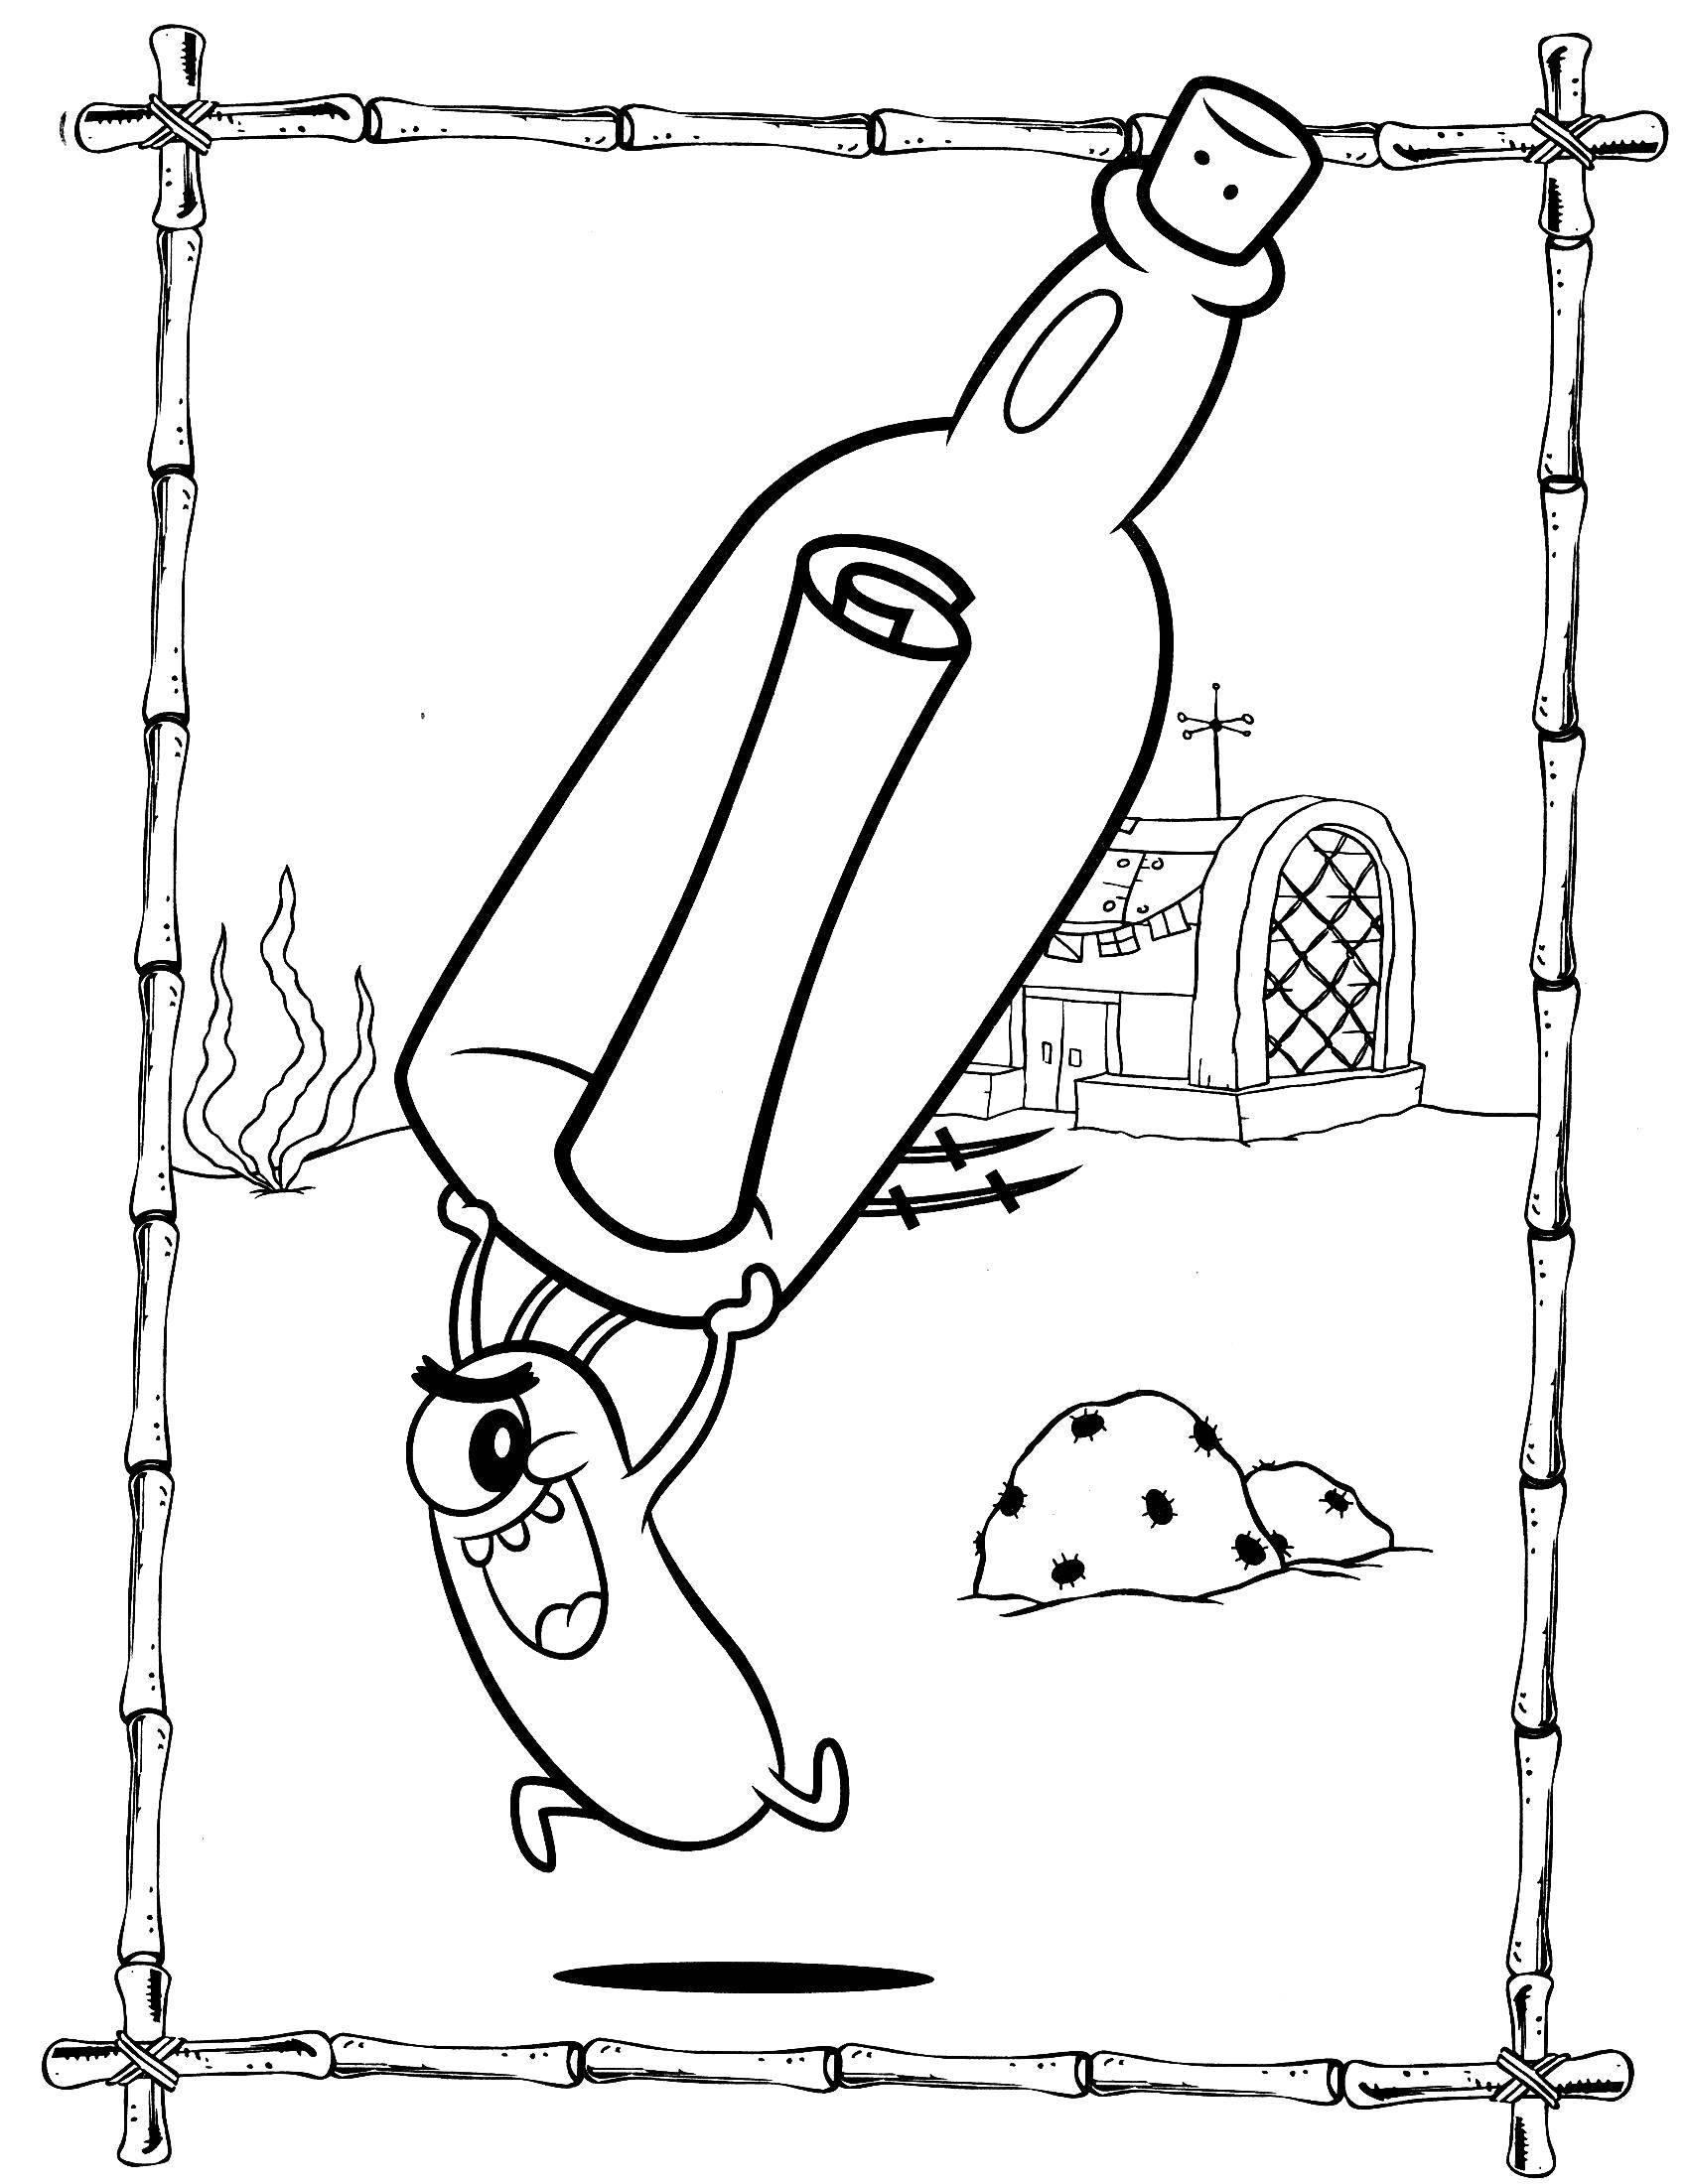 Раскраска Планктон украл формулу крабсбургеров Скачать Персонаж из мультфильма, Спанч Боб, Губка Боб, Планктон.  Распечатать ,Персонаж из мультфильма,